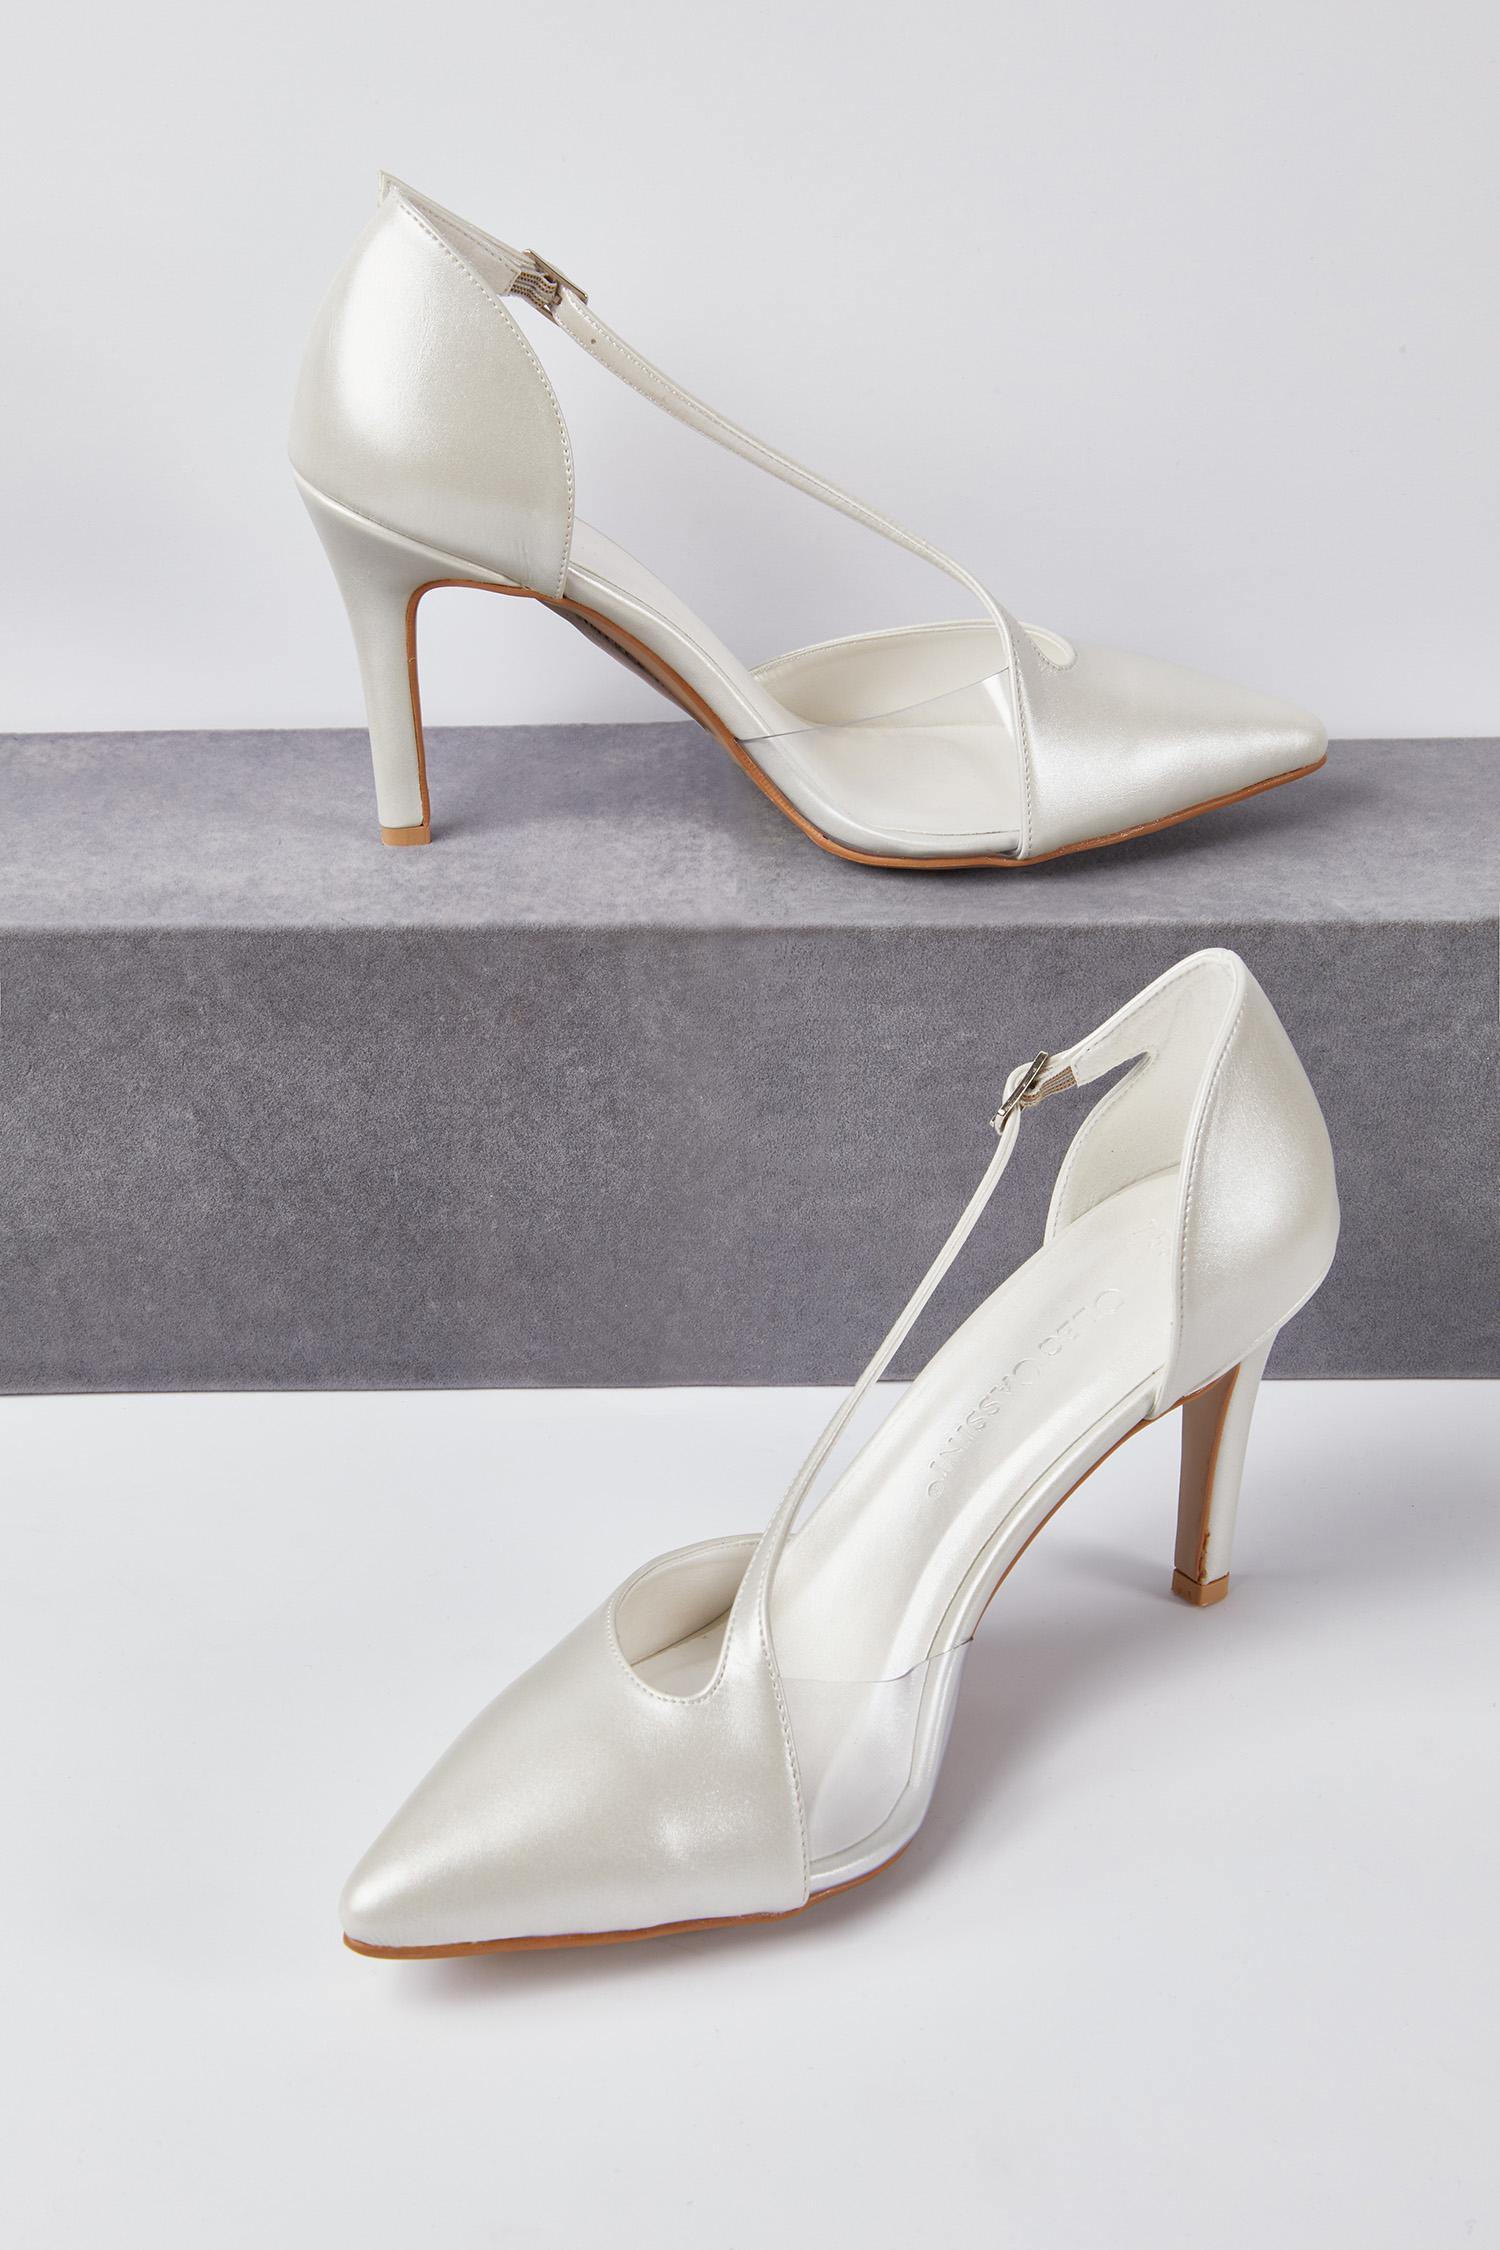 Kısa Topuk Gelin Ayakkabısı Kırık Beyaz Sivri Burun